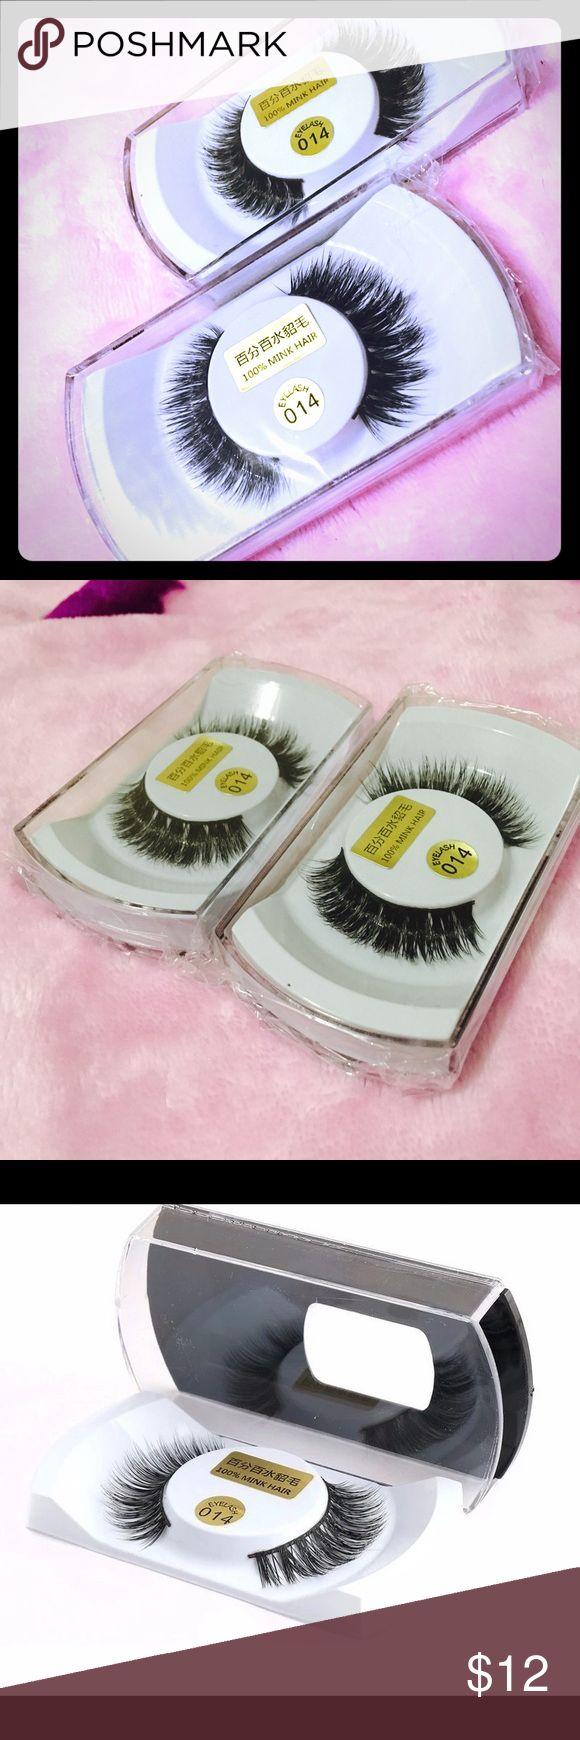 🌸🌺2pairs 100% real natural Mink hair 100% real mink natural black tick eyelash Makeup False Eyelashes